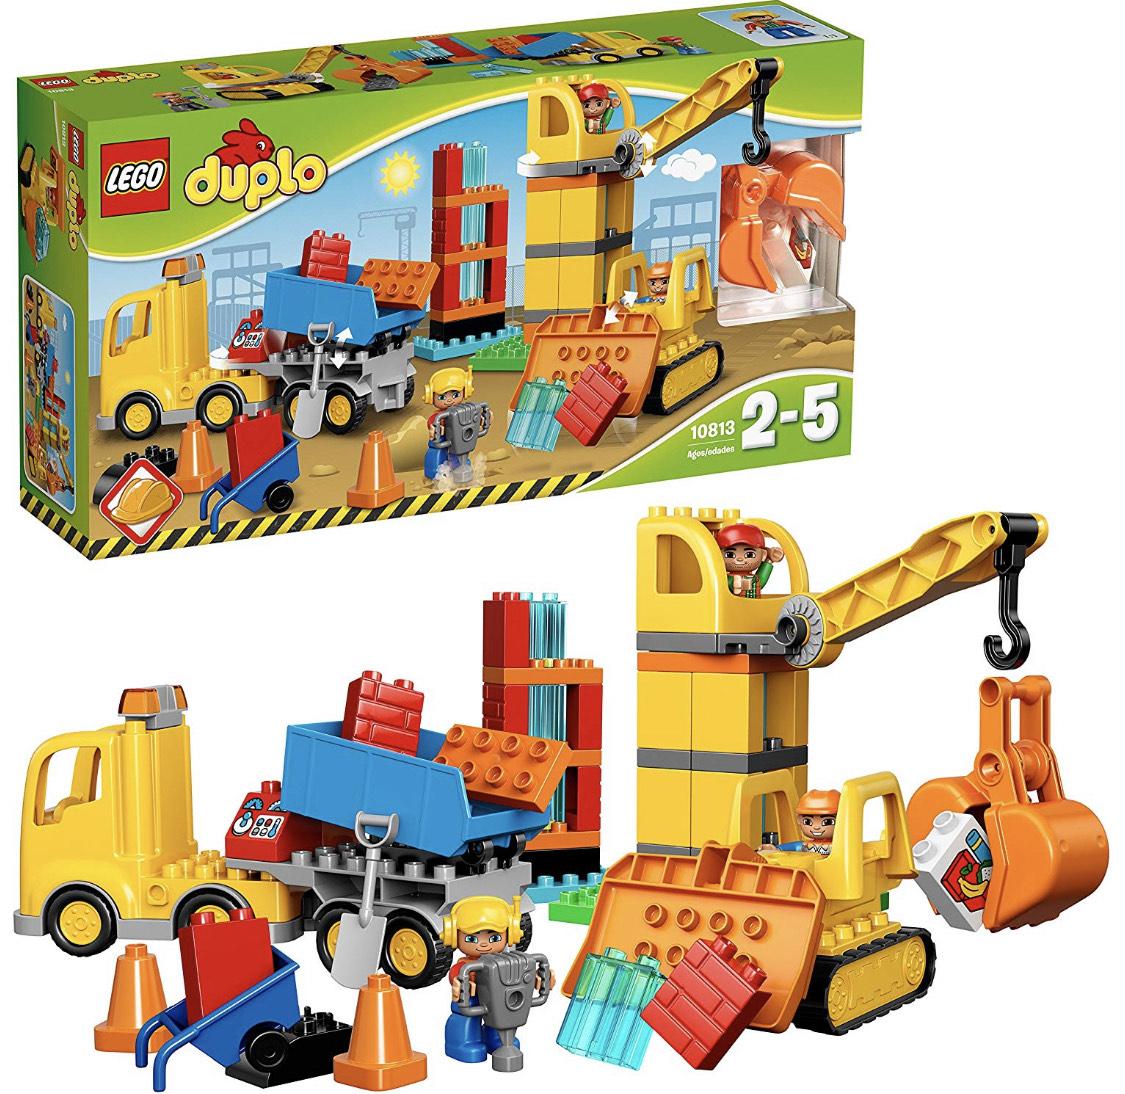 LEGO Duplo - Duplo Grote Bouwplaats, 10813